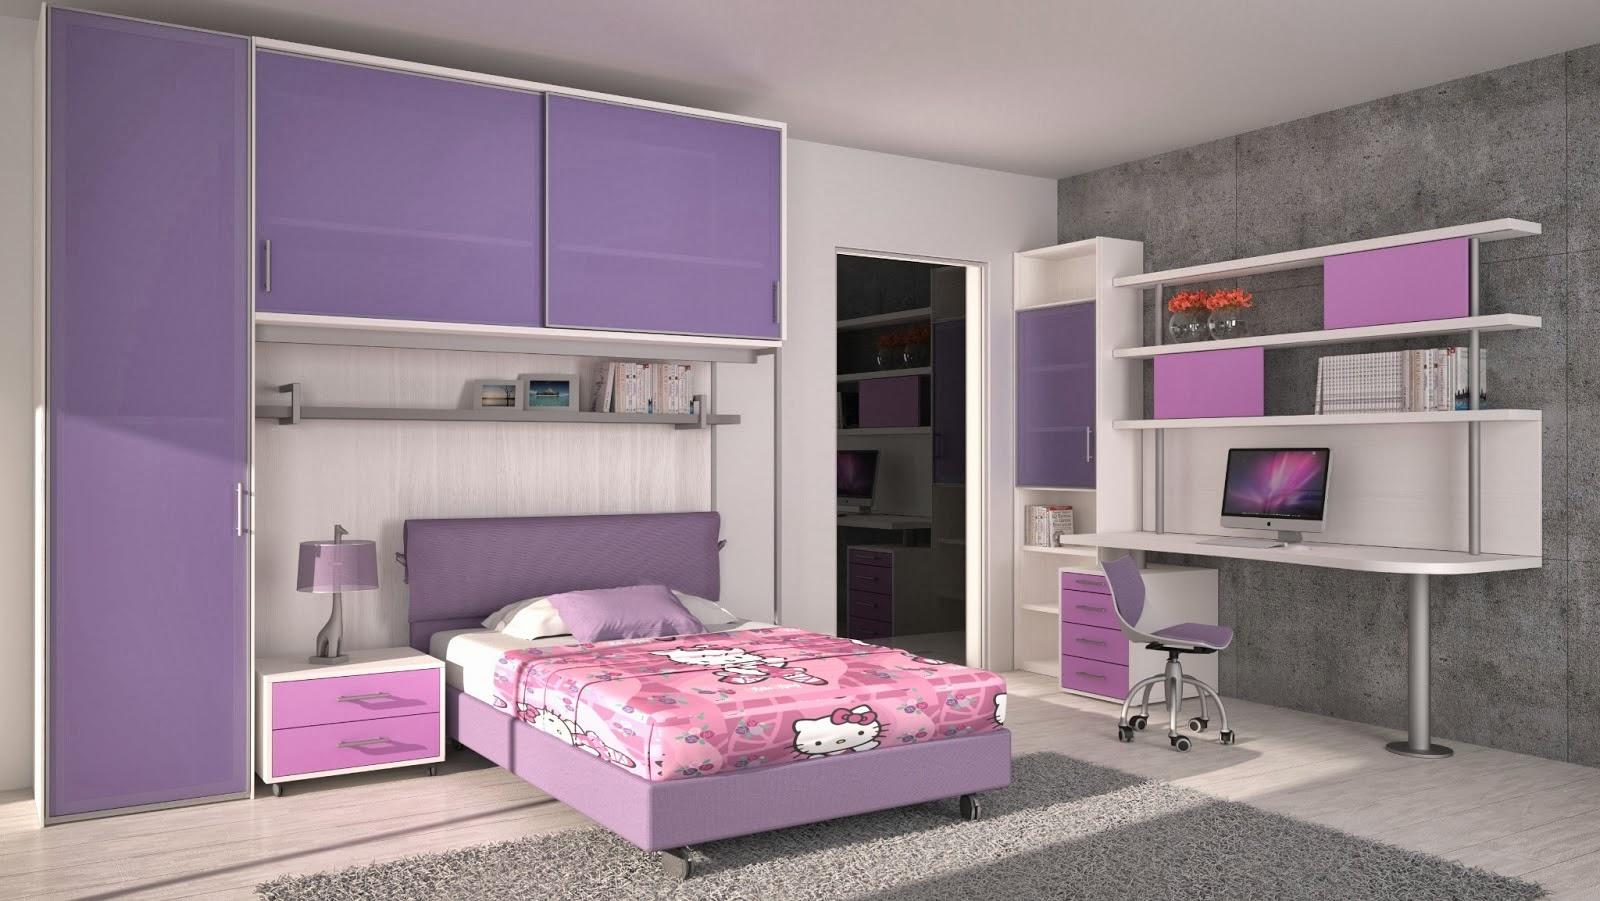 Cuarto de ni a en rosa y lila dormitorios colores y estilos - Dormitorios de nina ...